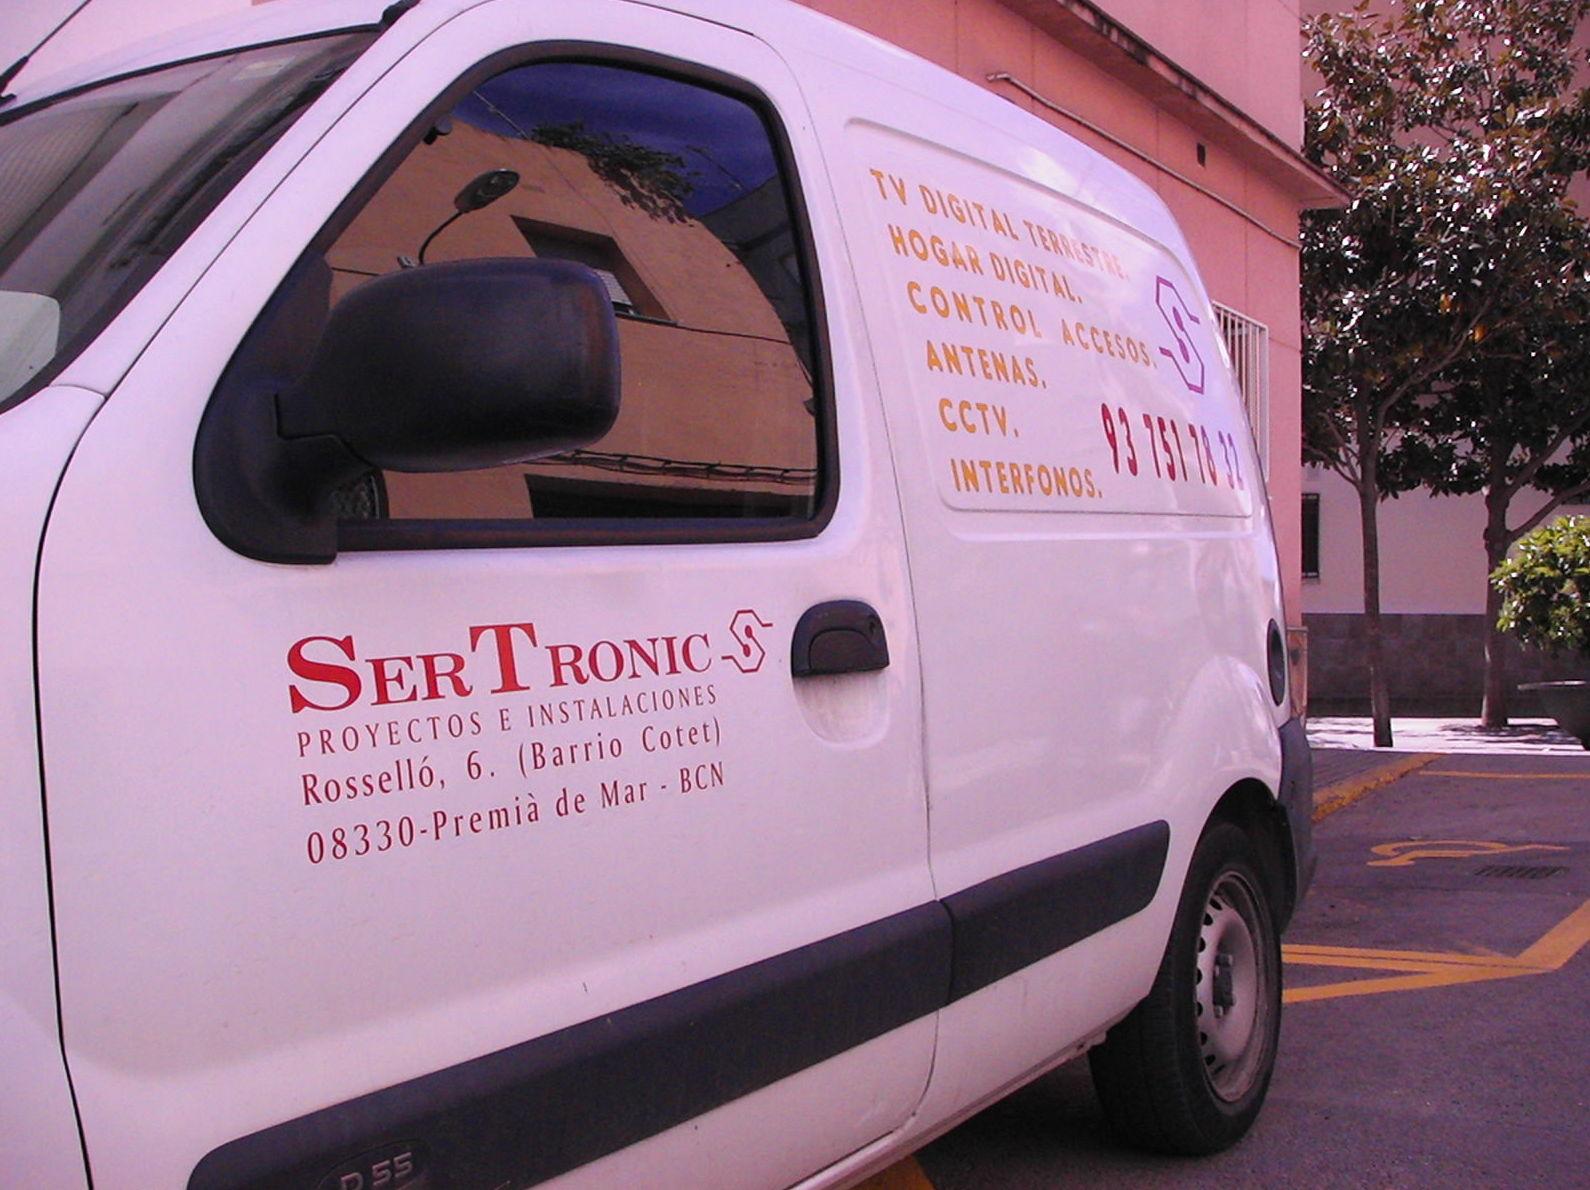 SerTronic Proyectos e Instalaciones para particulares